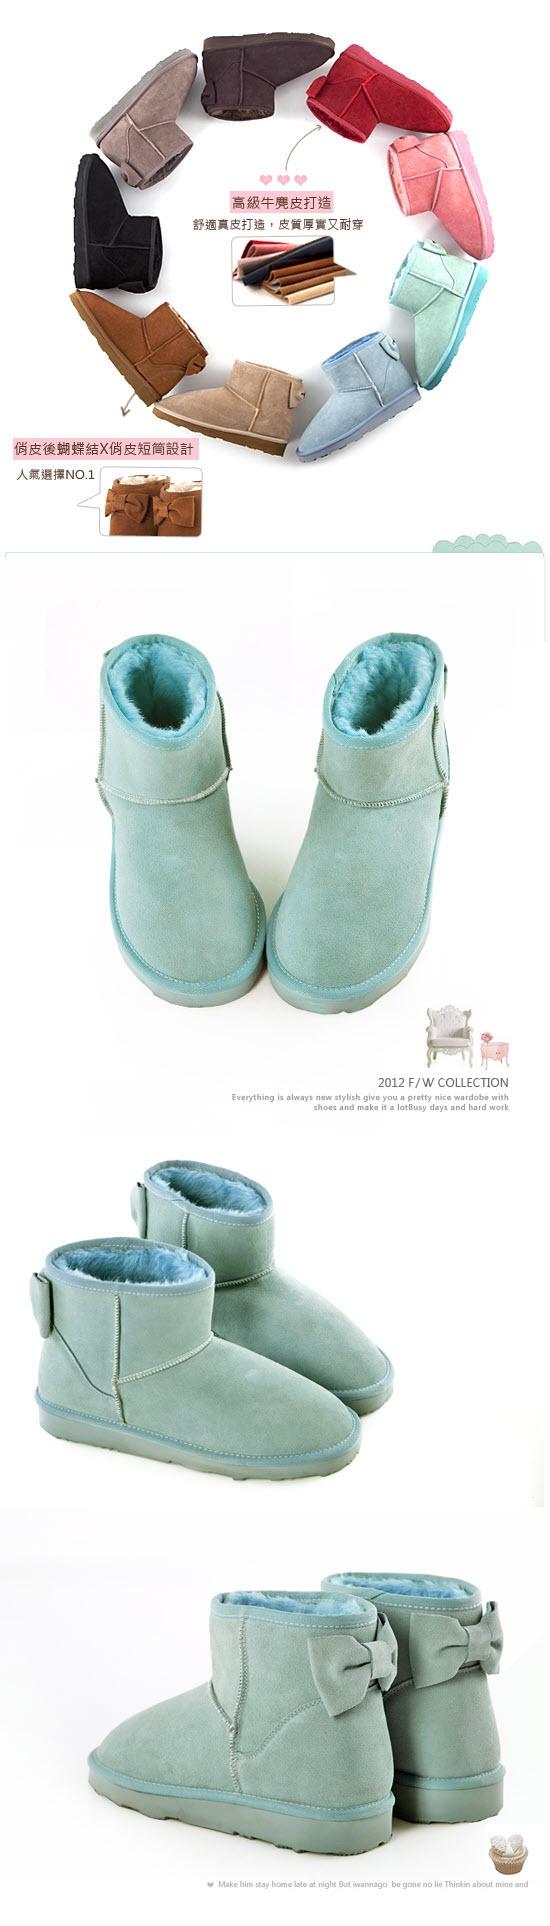 gift 經典限定雪靴